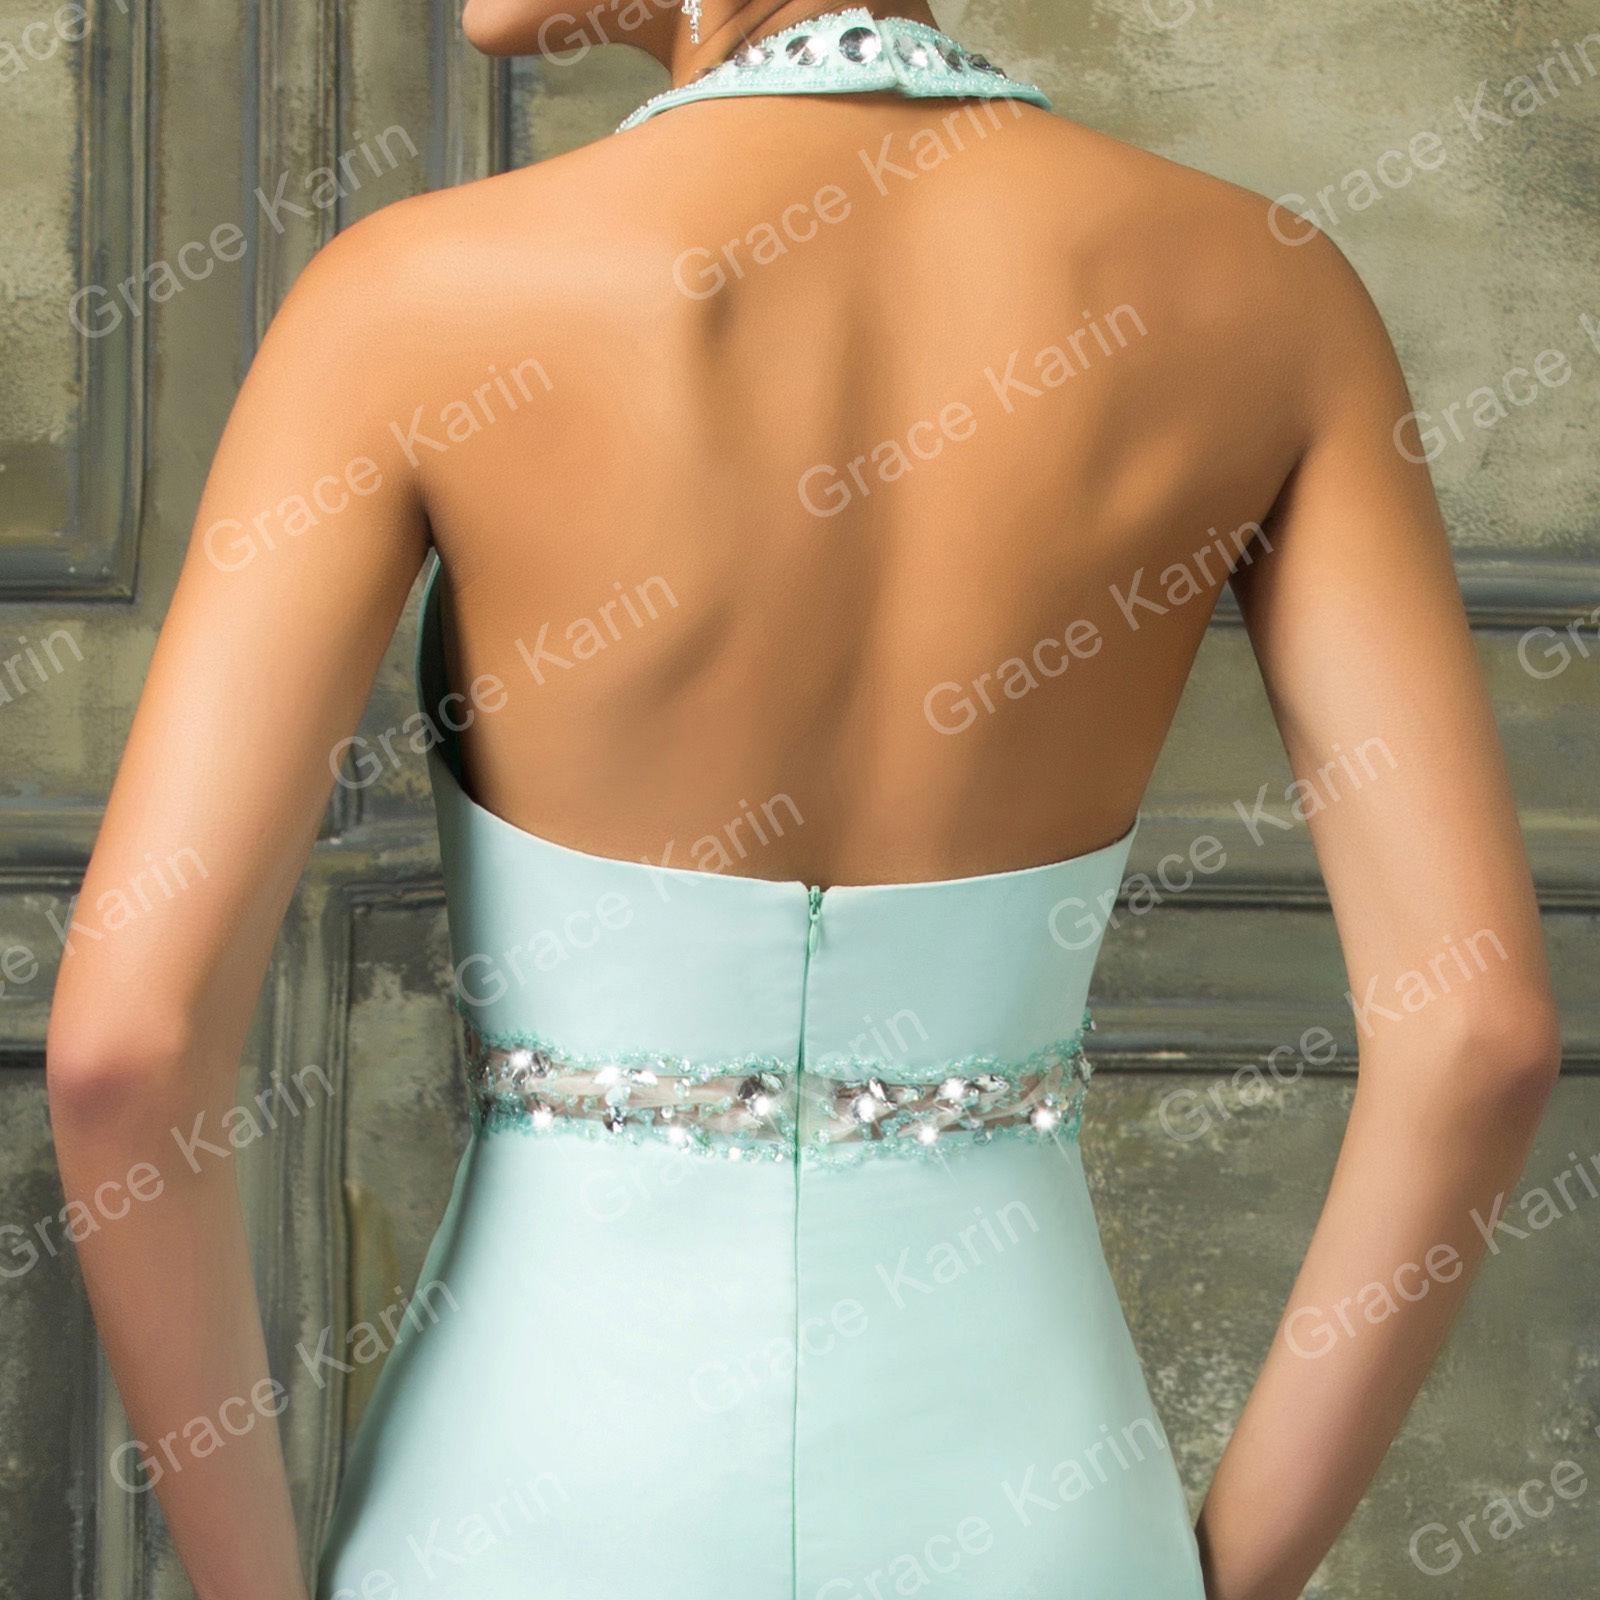 9c51863701b Sexy mentolové šaty s holými rameny a obojkem. Krásně pošité kameny.